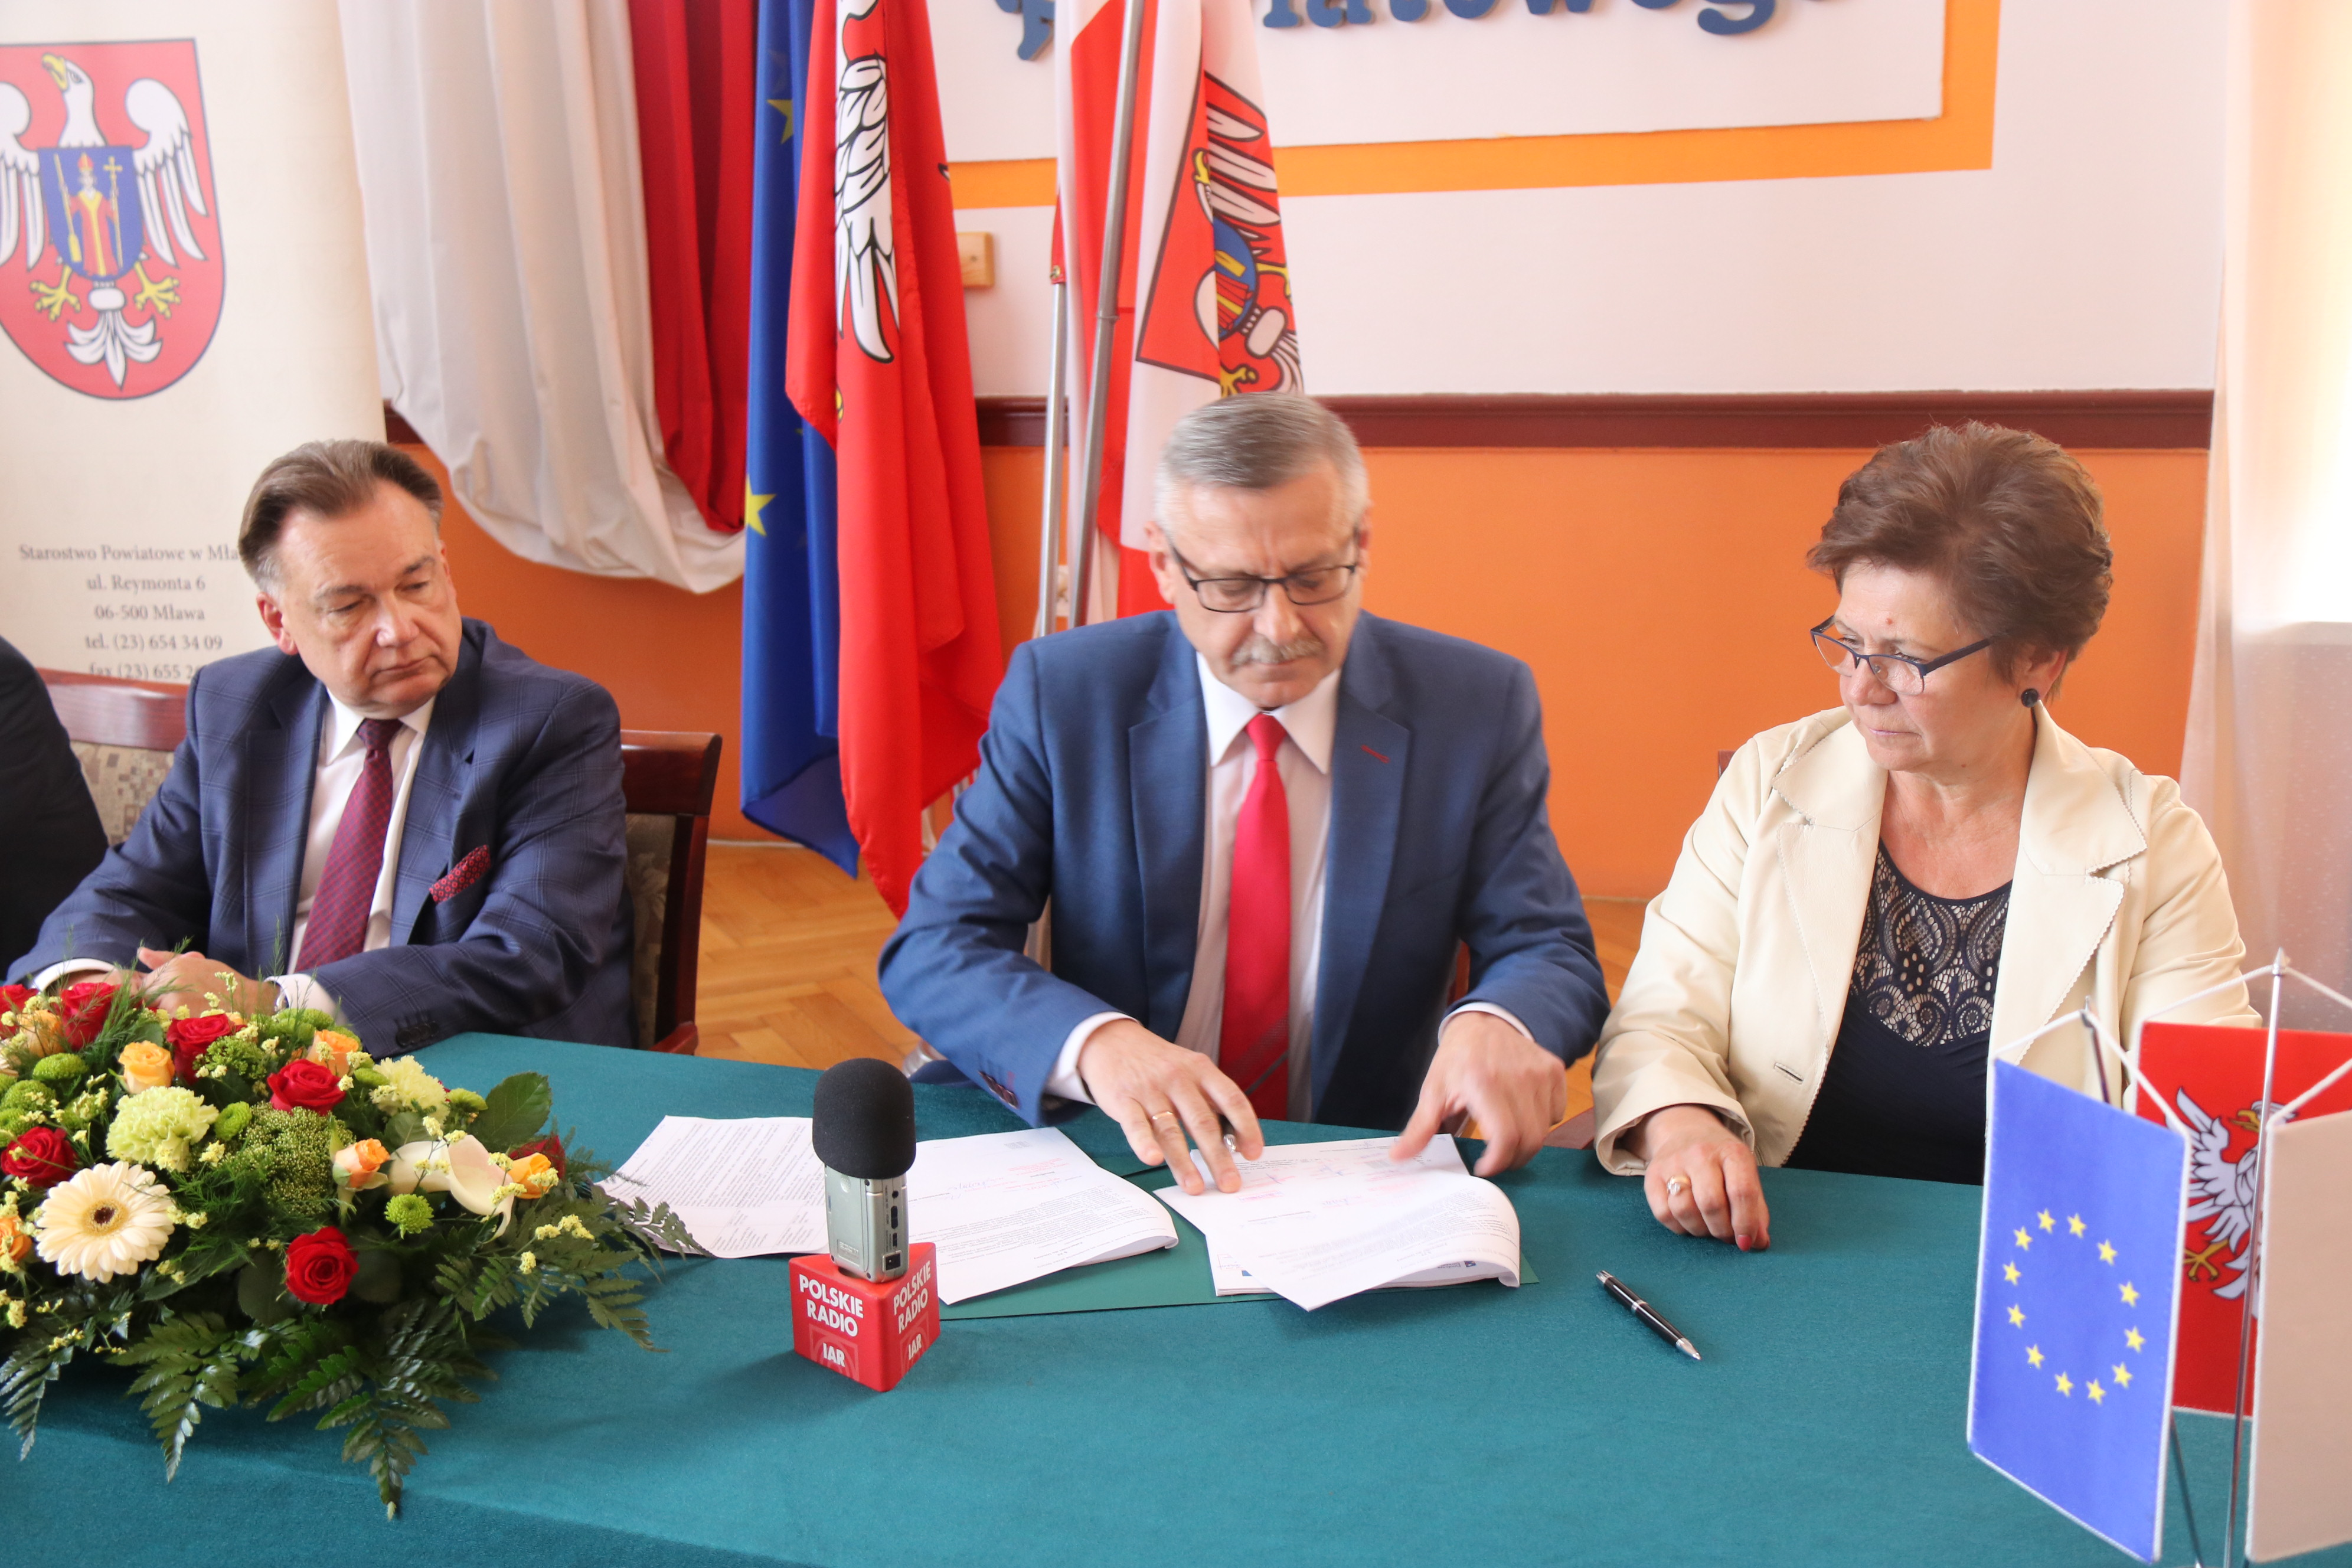 Ponad 14 mln zł na drogi w powiatach mławskim i sierpeckim oraz e-usługi w urzędach gmin Pokrzywnica, Glinojeck i Raciąż